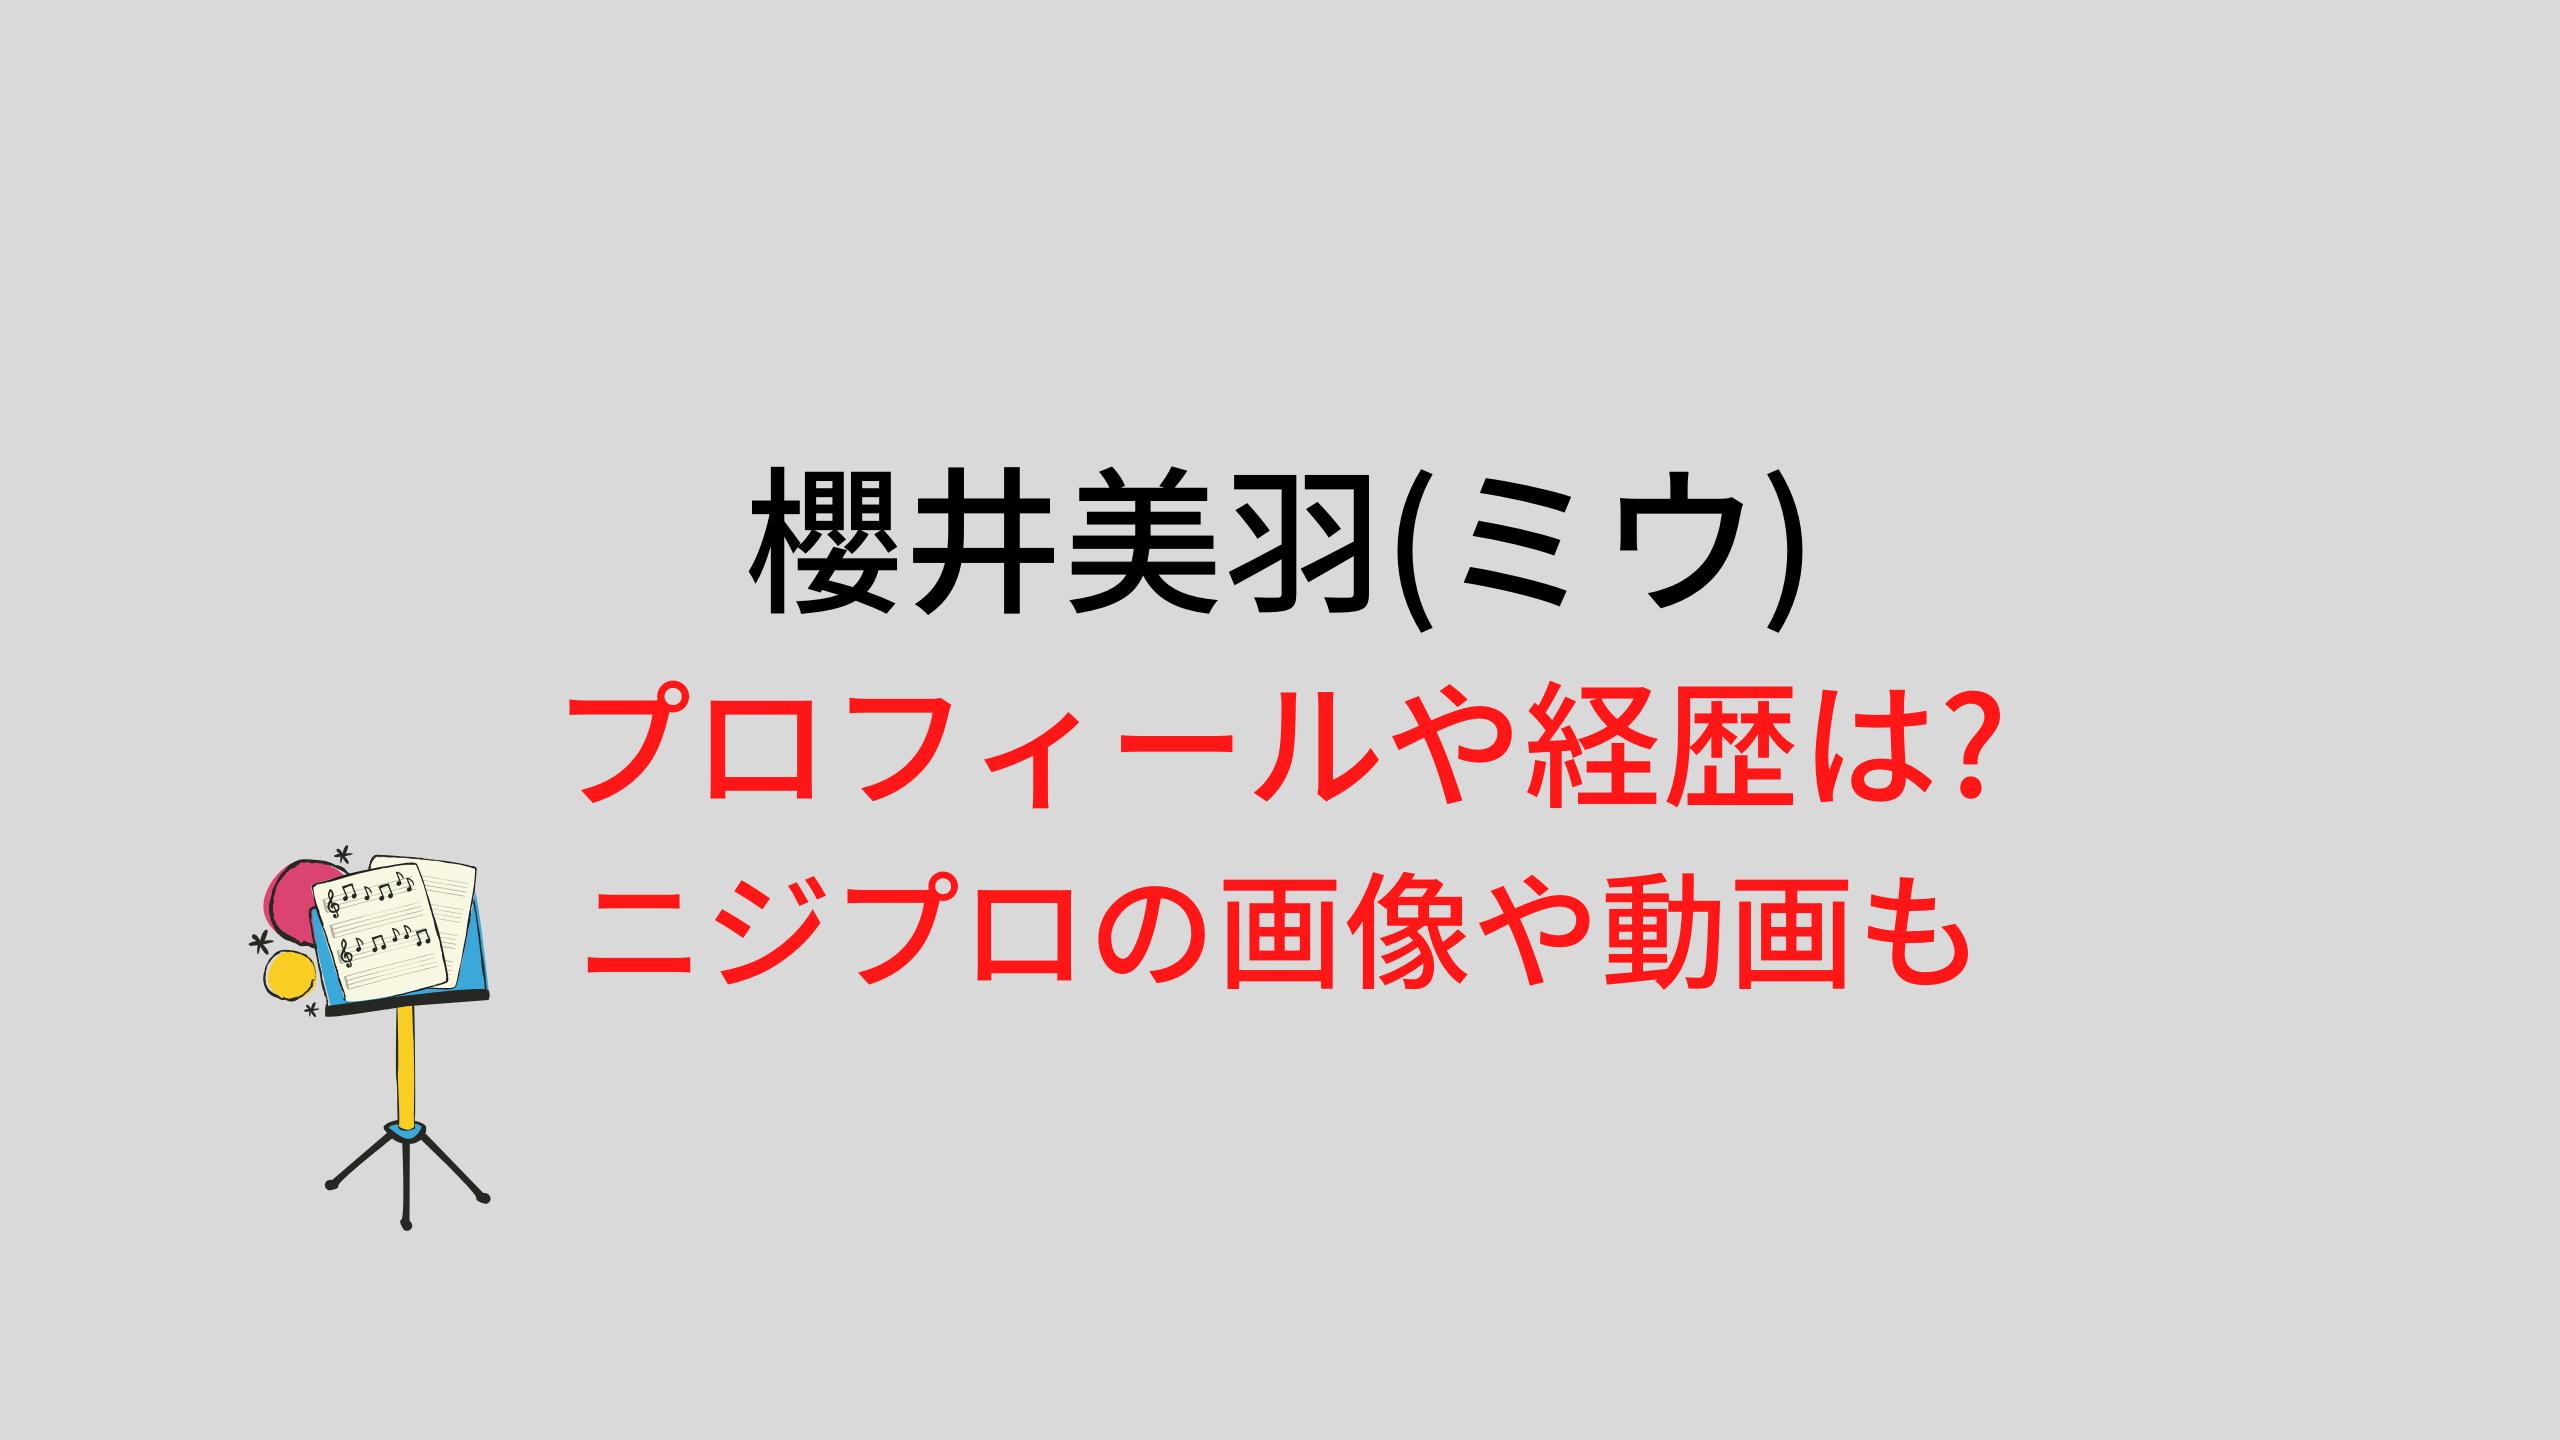 美羽 櫻井